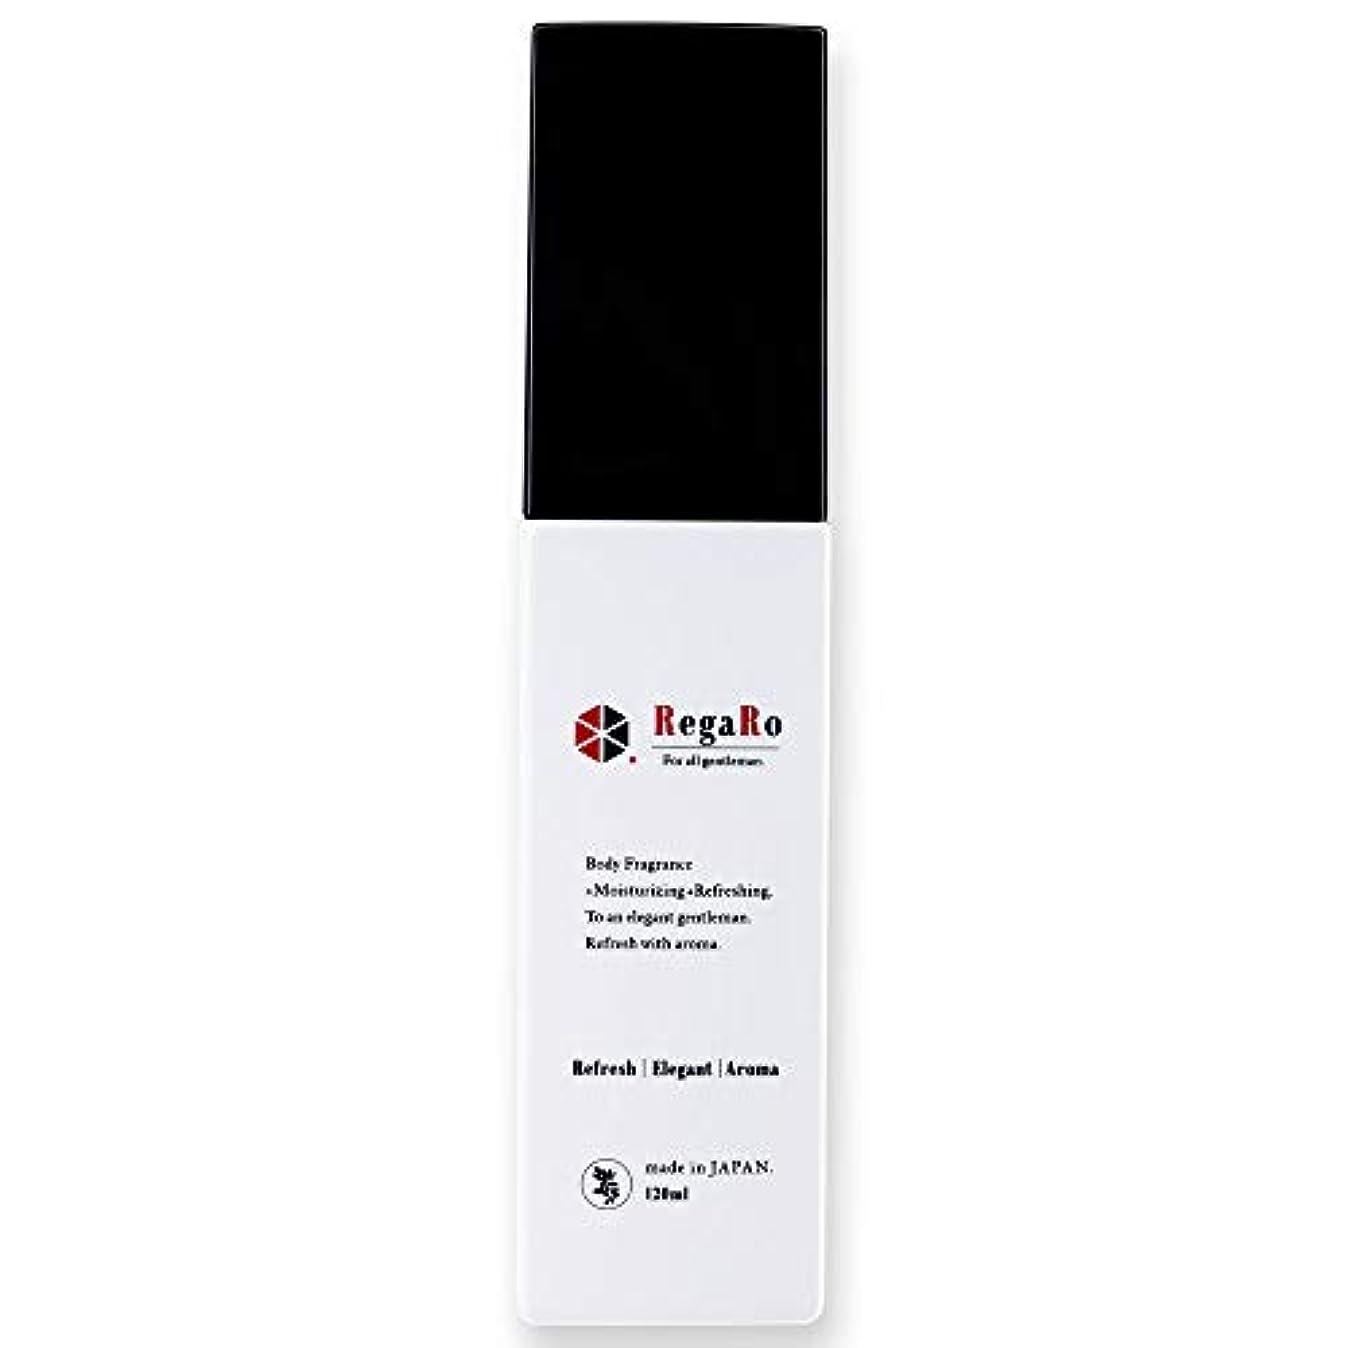 弱める成功下着【RegaRo】 アロマ デオドラント ミスト 香水 保湿 抑汗 防臭 防菌 120ml